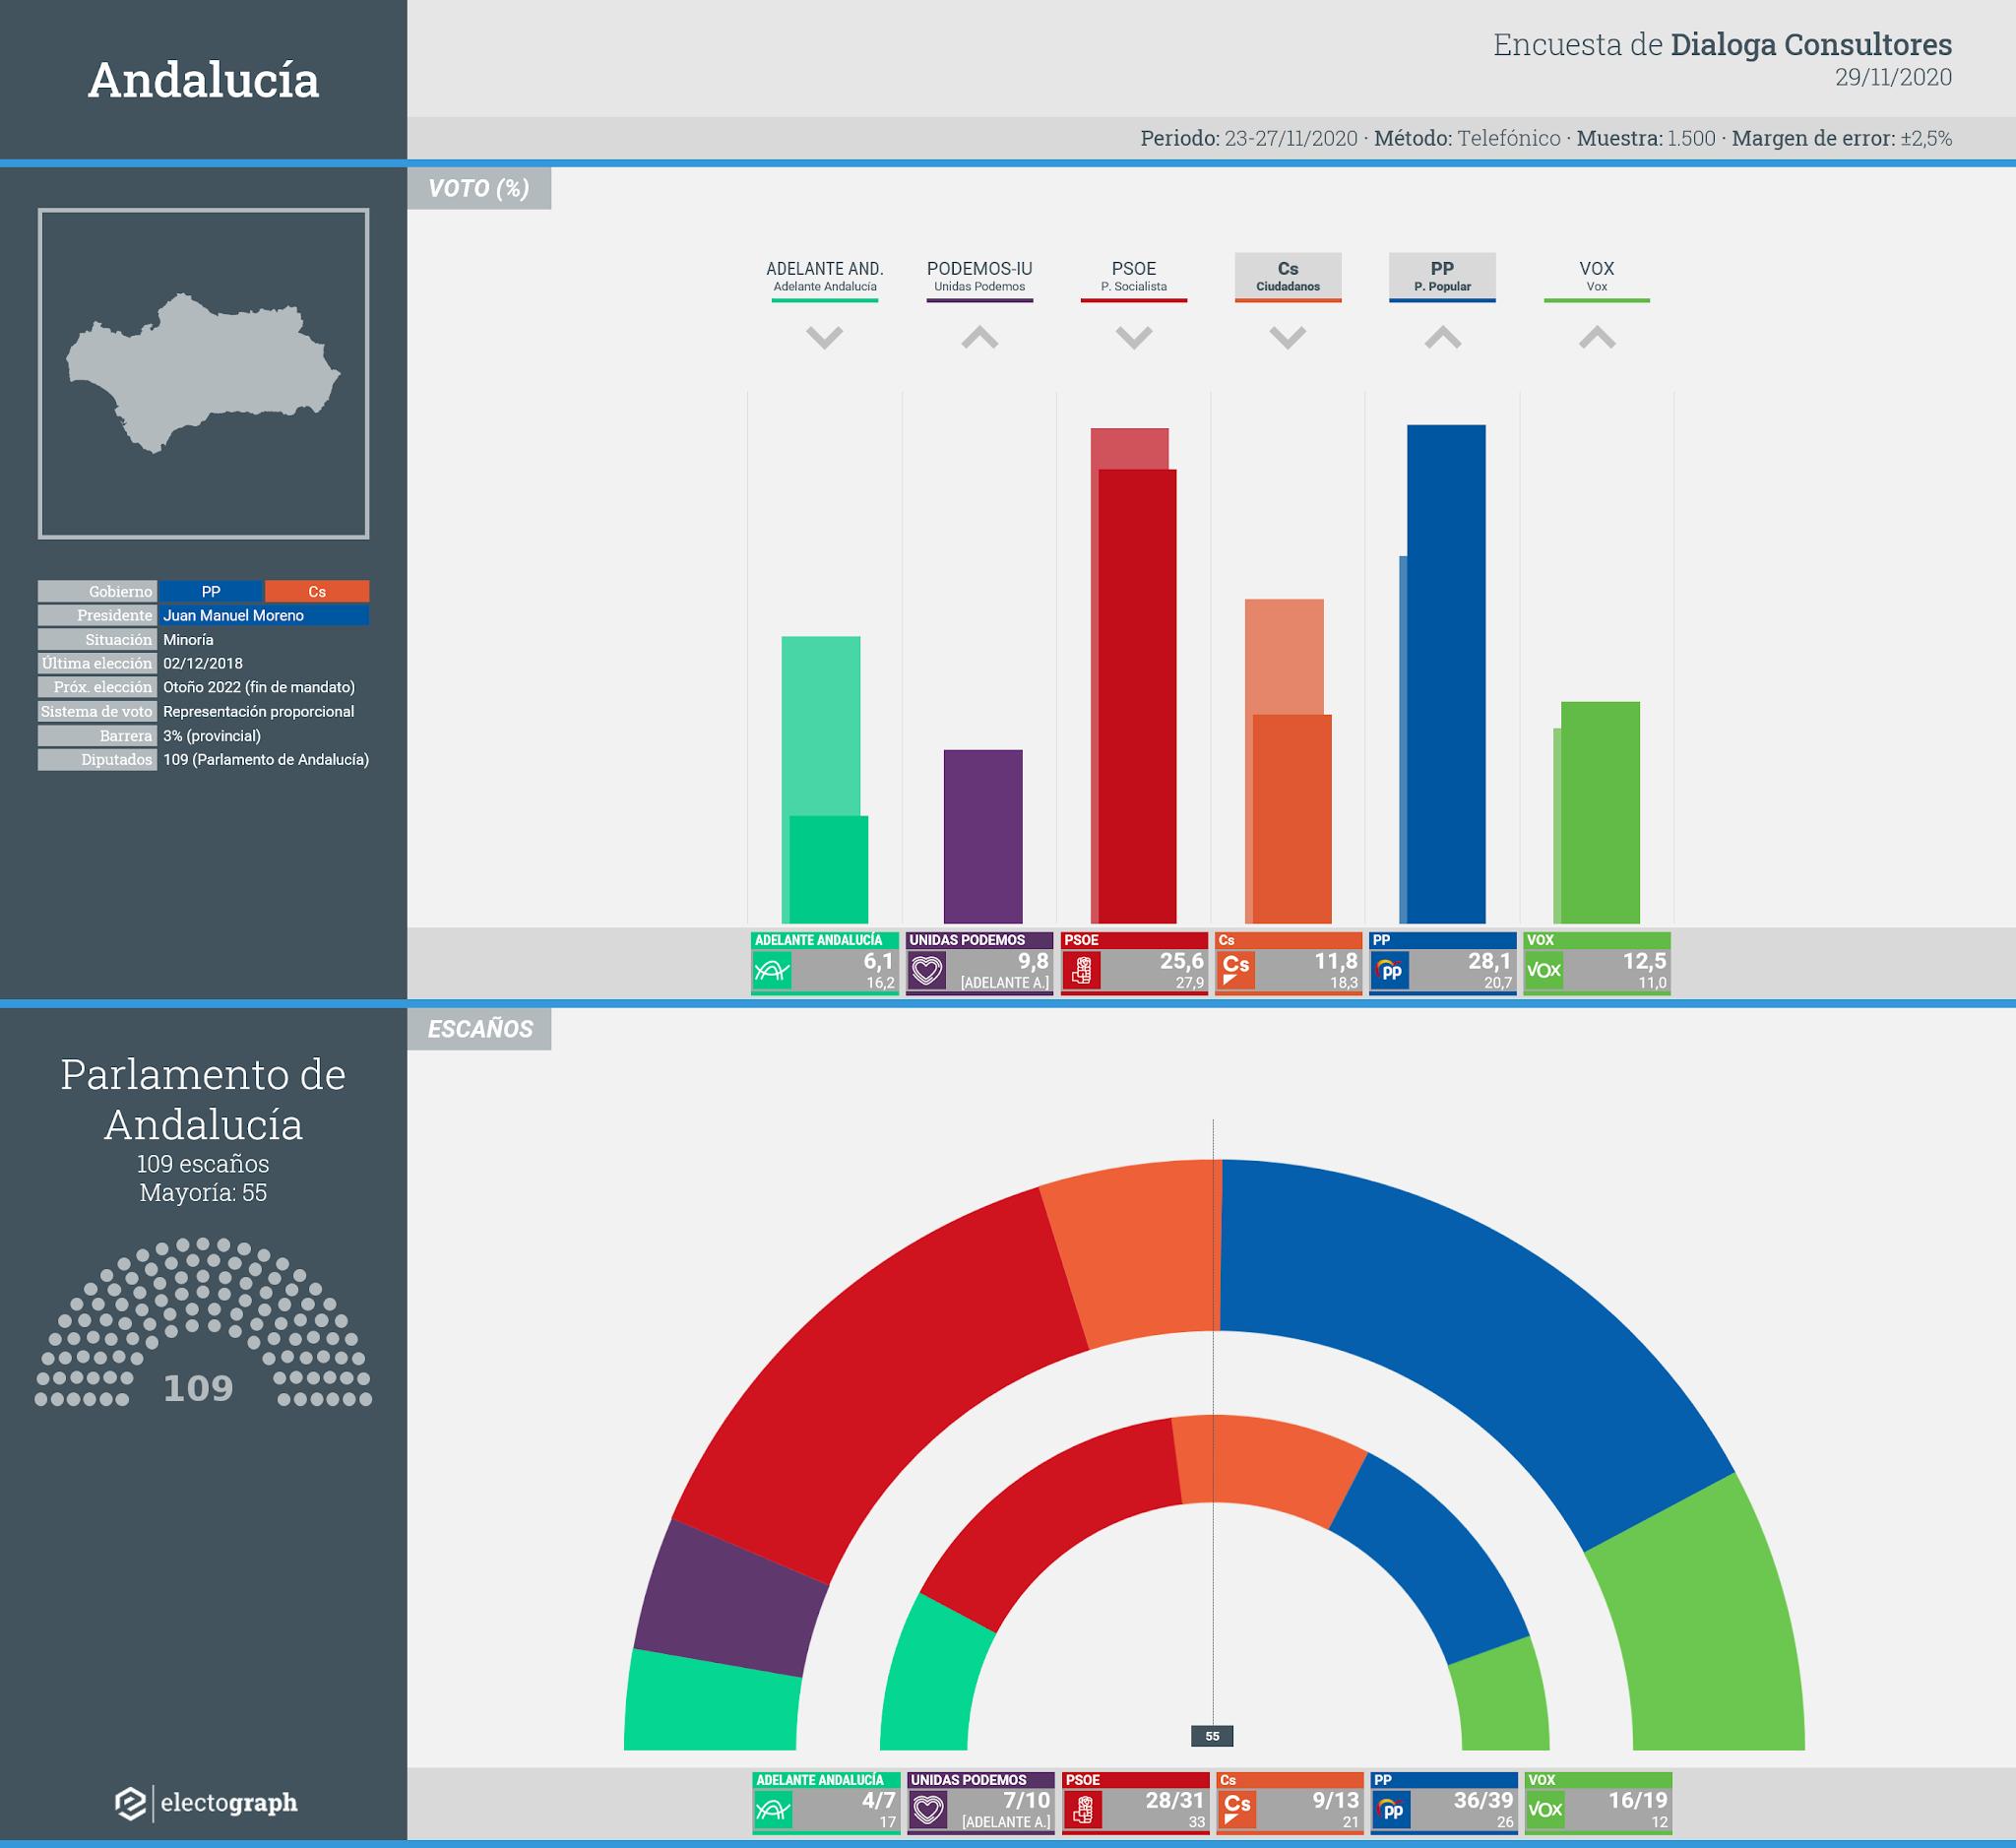 Gráfico de la encuesta para elecciones autonómicas en Andalucía realizada por Dialoga Consultores, 29 de noviembre de 2020